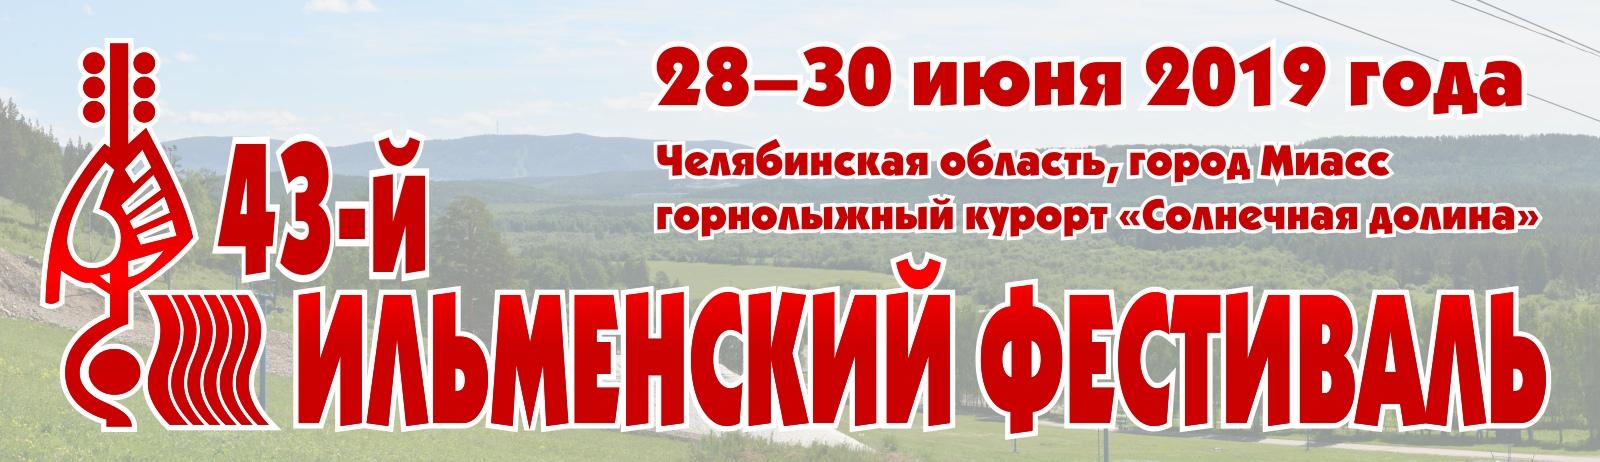 43-й Ильменский фестиваль — 28–30 июня 2019 года